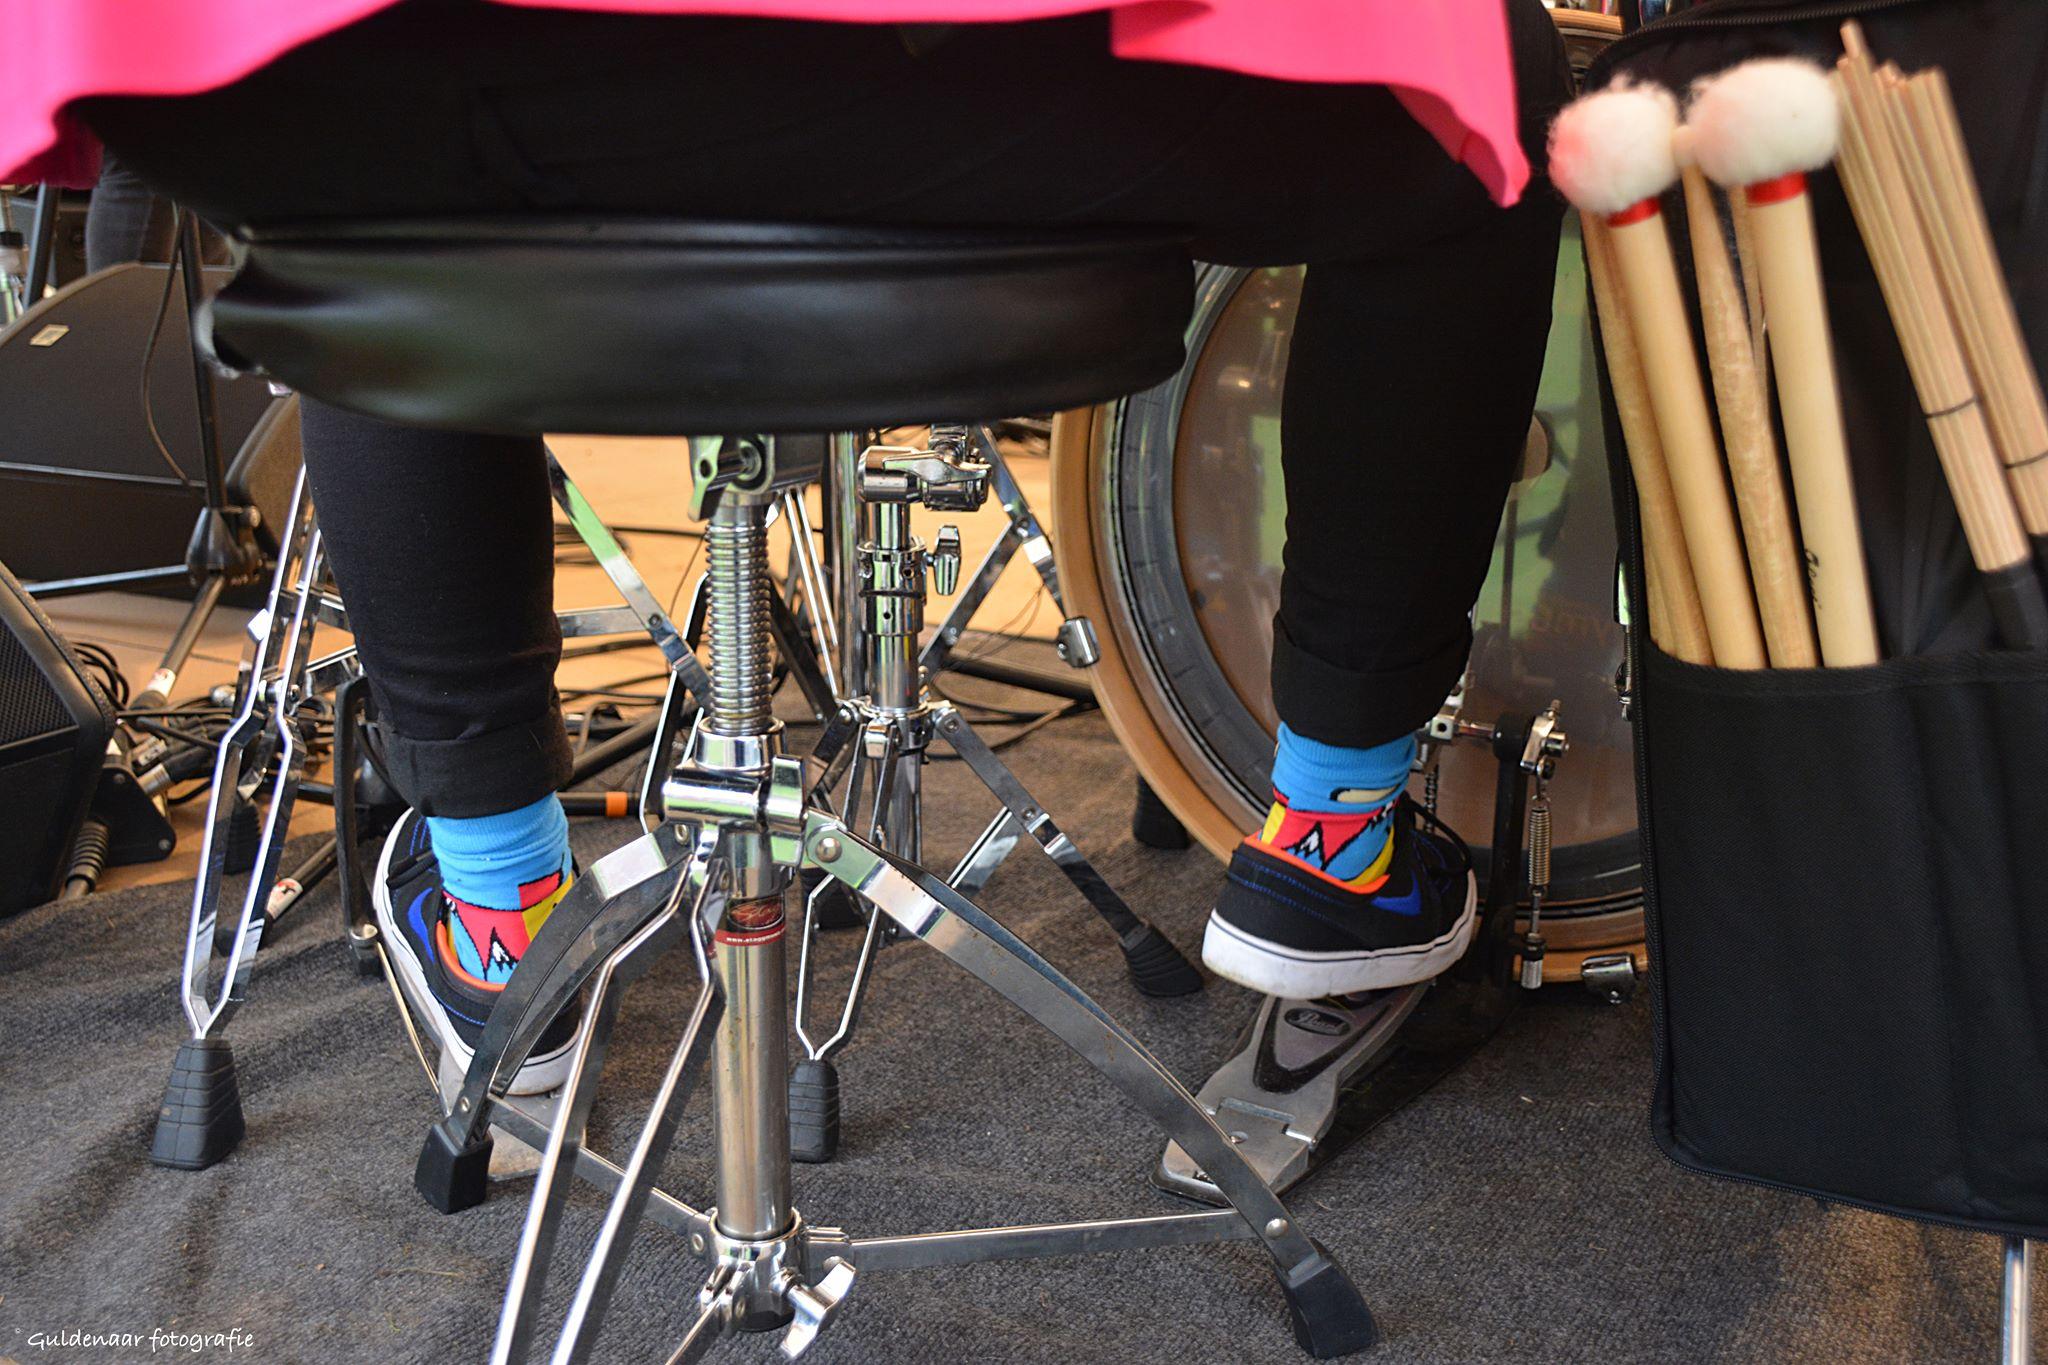 Melatti Feet Drums